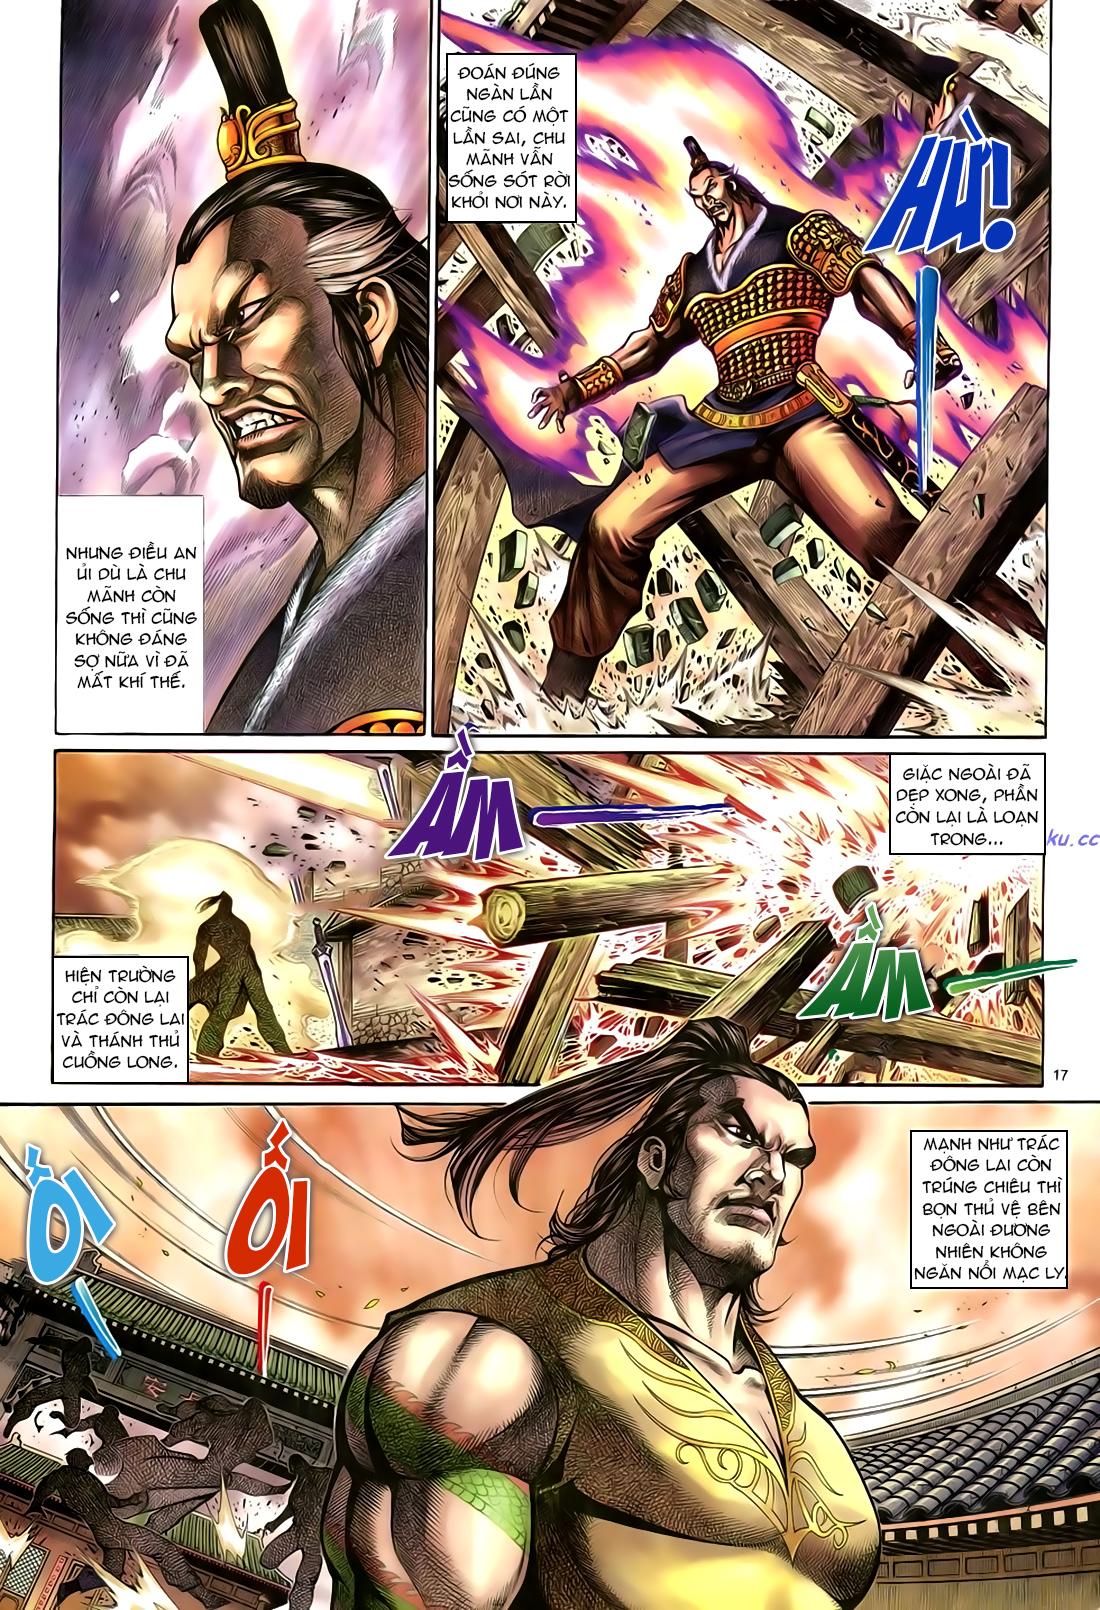 Anh hùng vô lệ Chap 23 trang 18